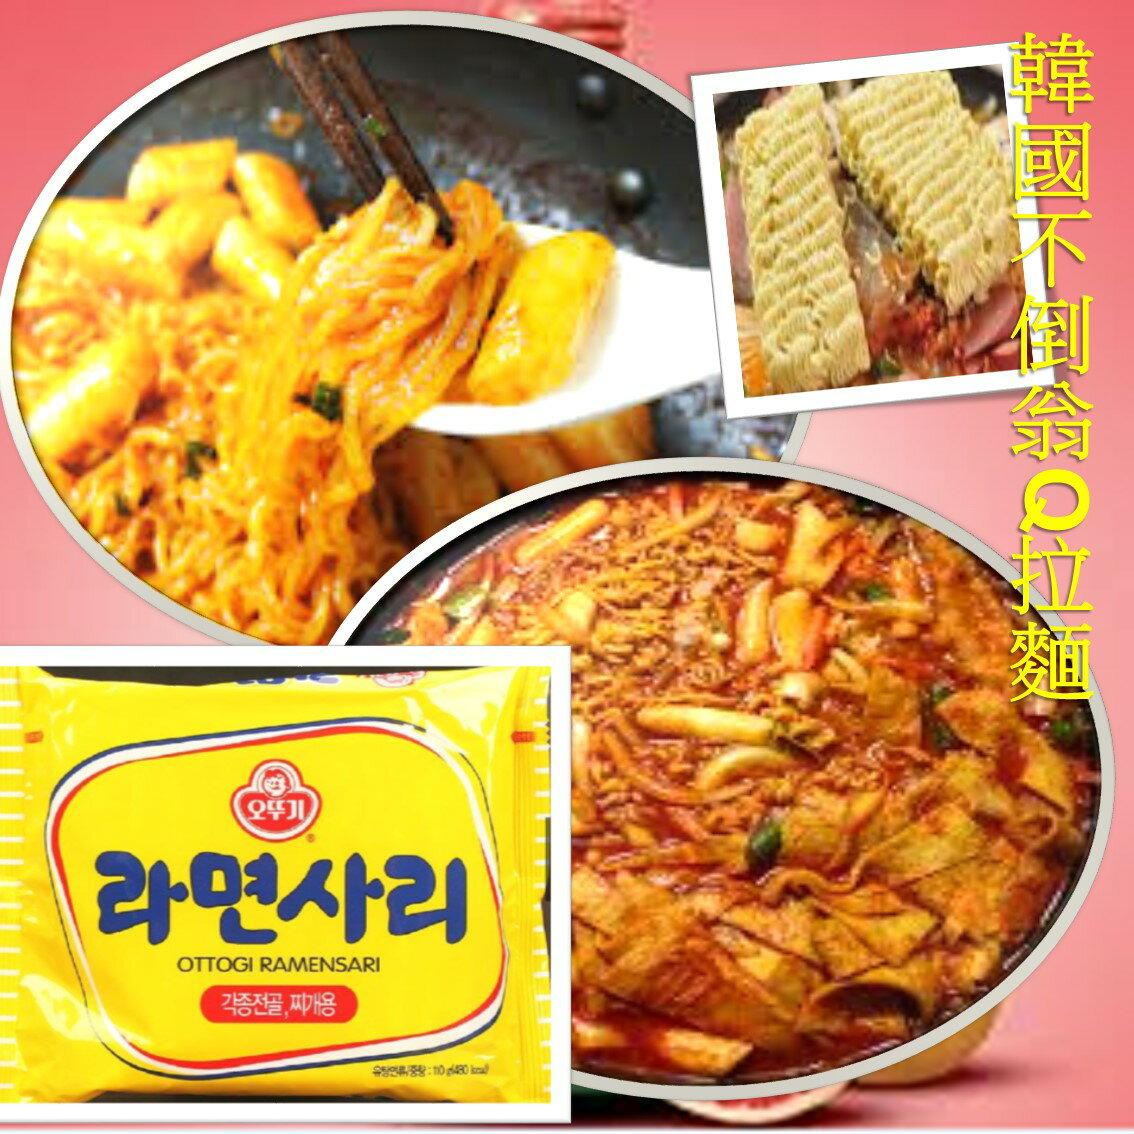 【1包】韓國 不倒翁 OTTOGI Q拉麵 純麵條 泡麵【樂活生活館】